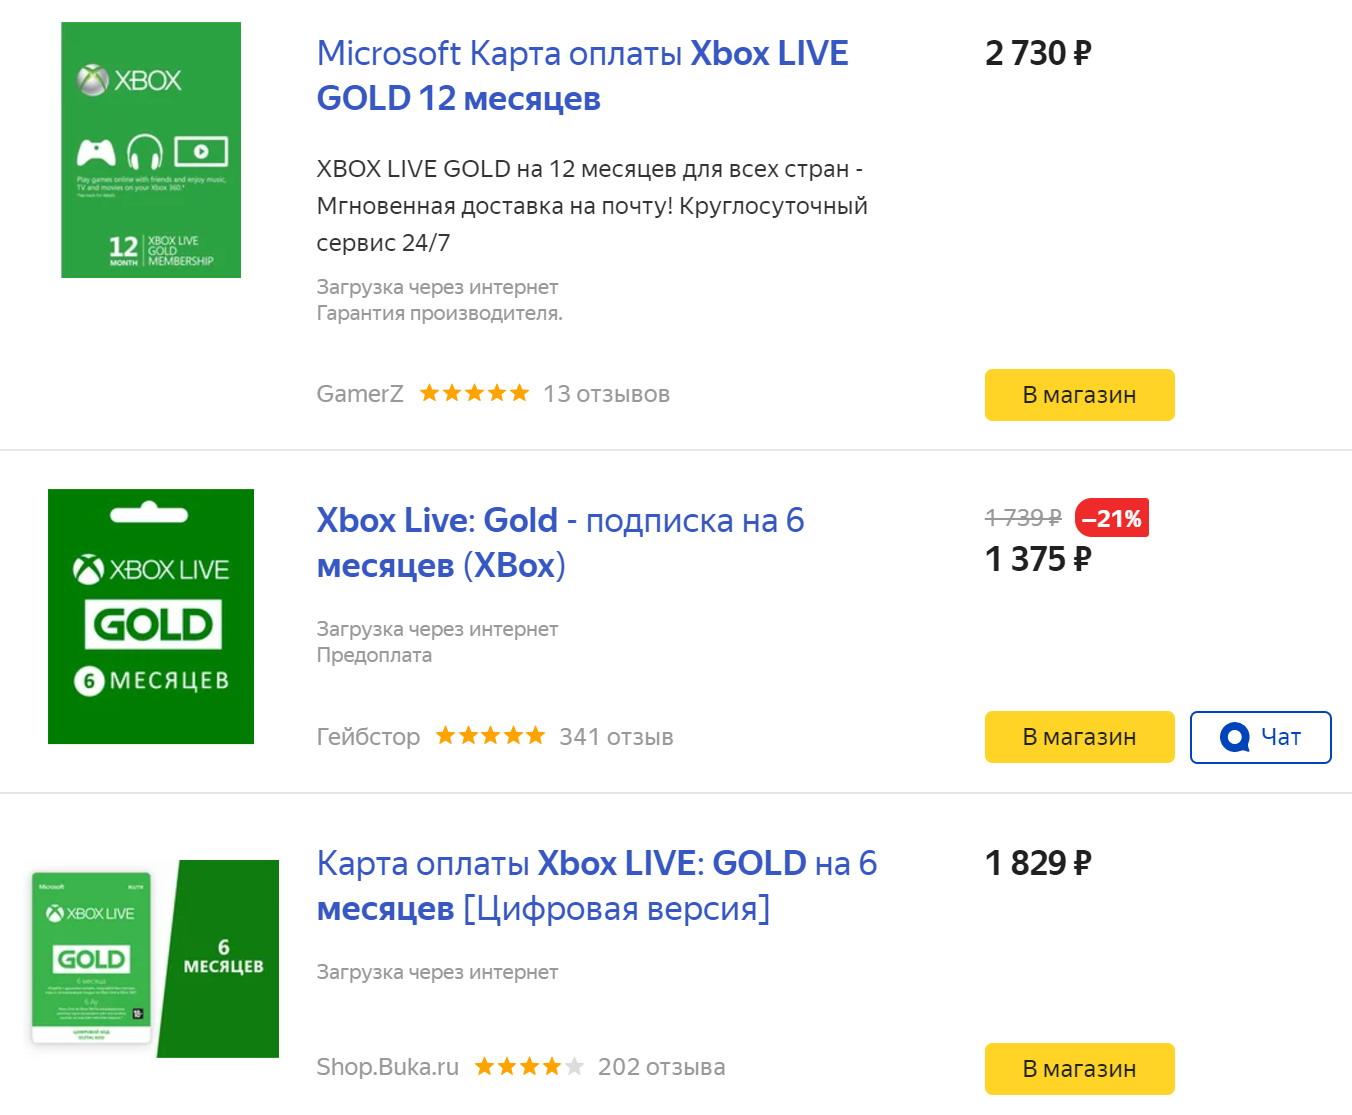 Скриншот страницы Я.Маркета с предложениями магазинов на коды Live Gold